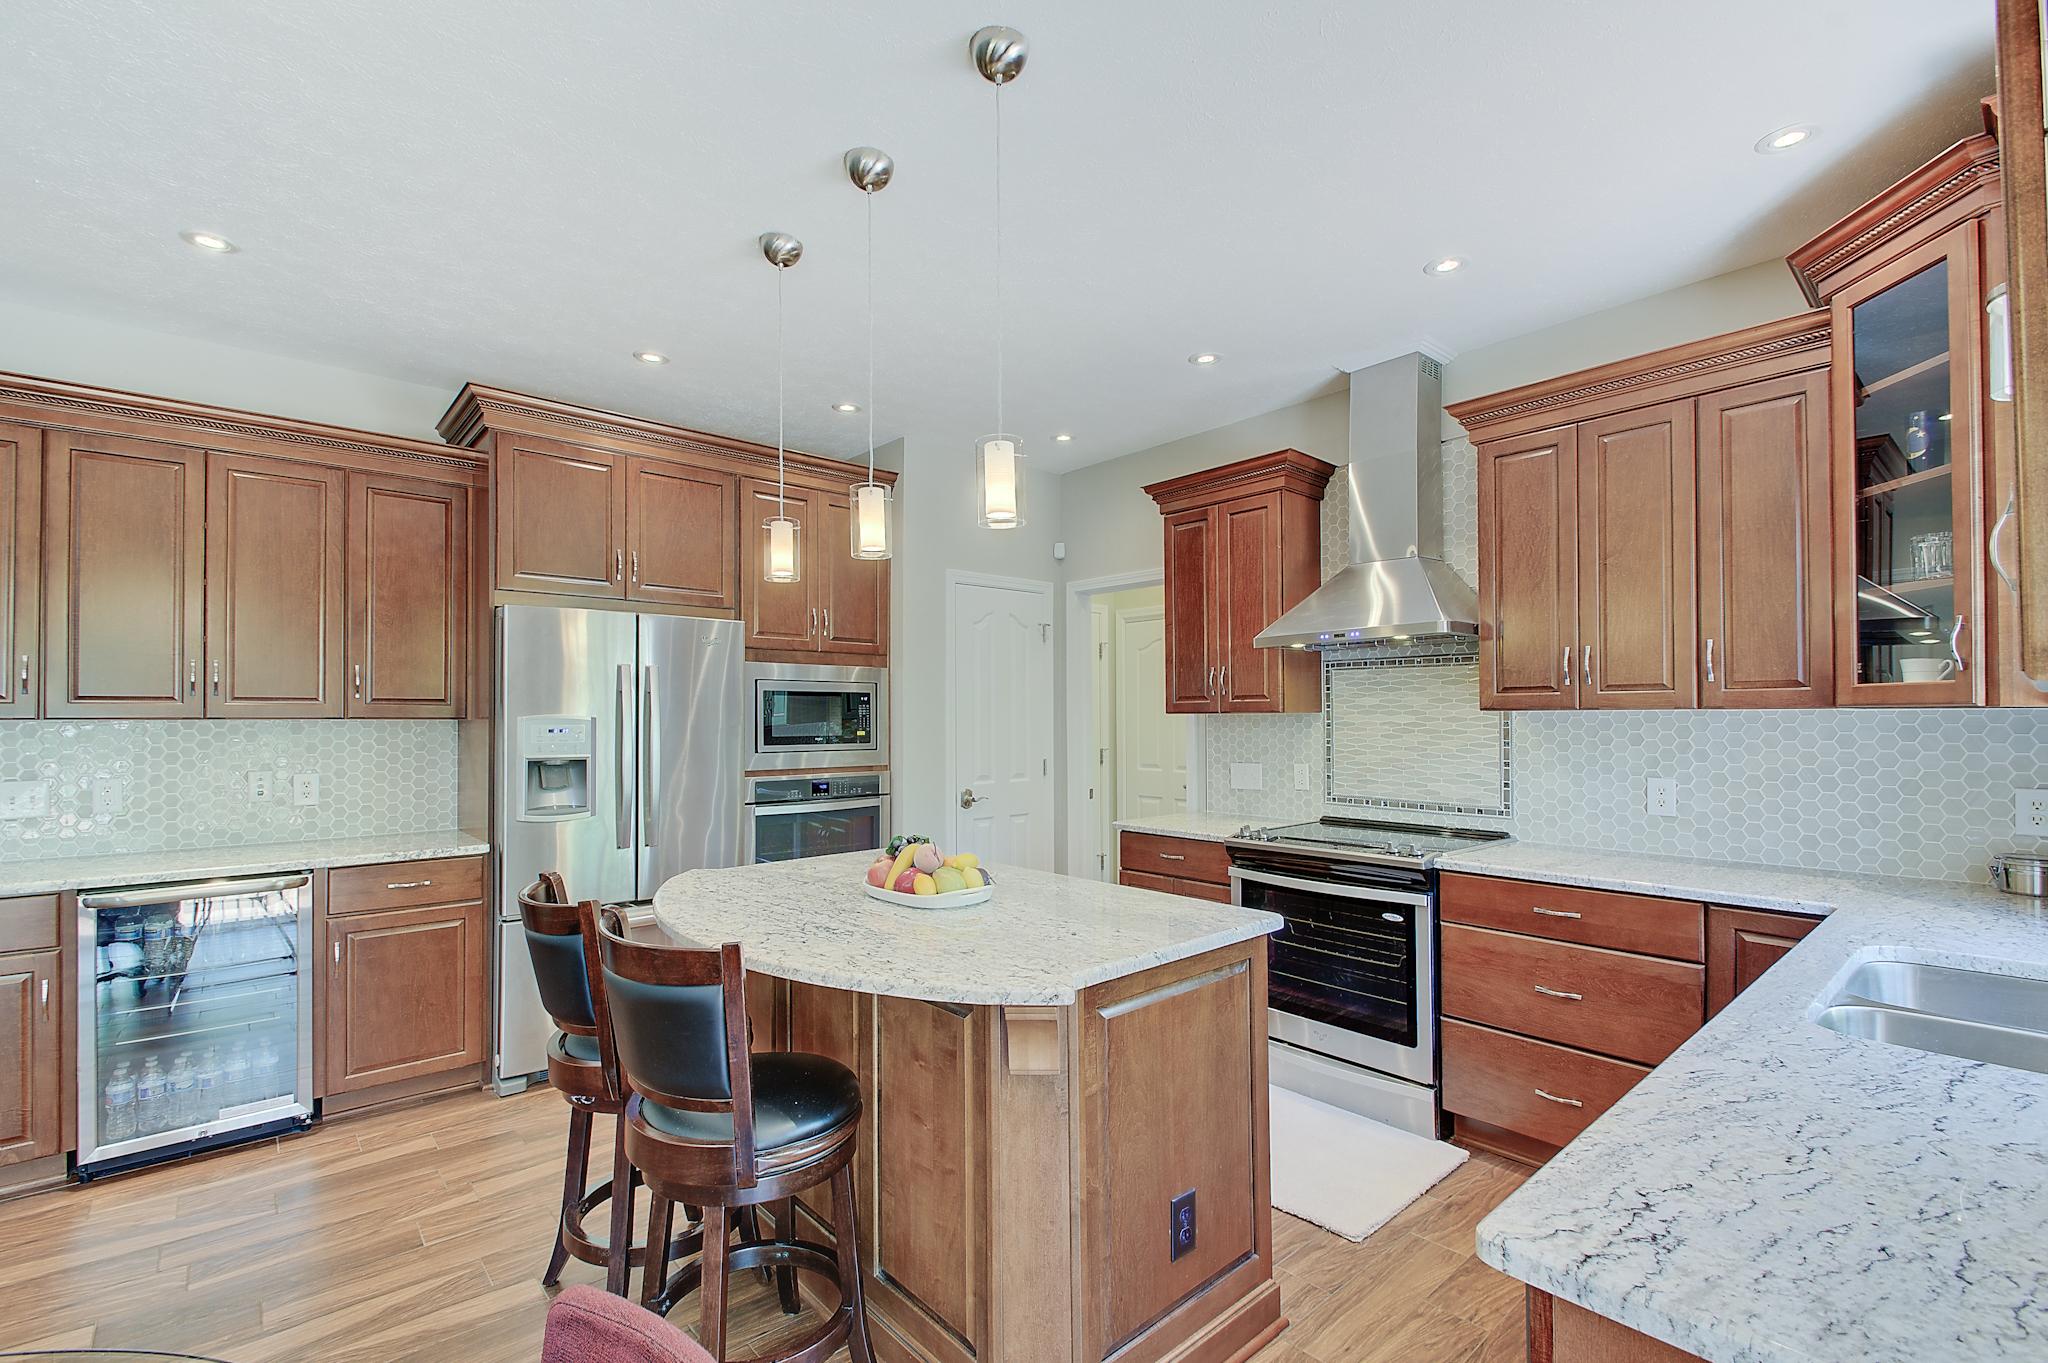 17-Kitchen-View-4.jpg